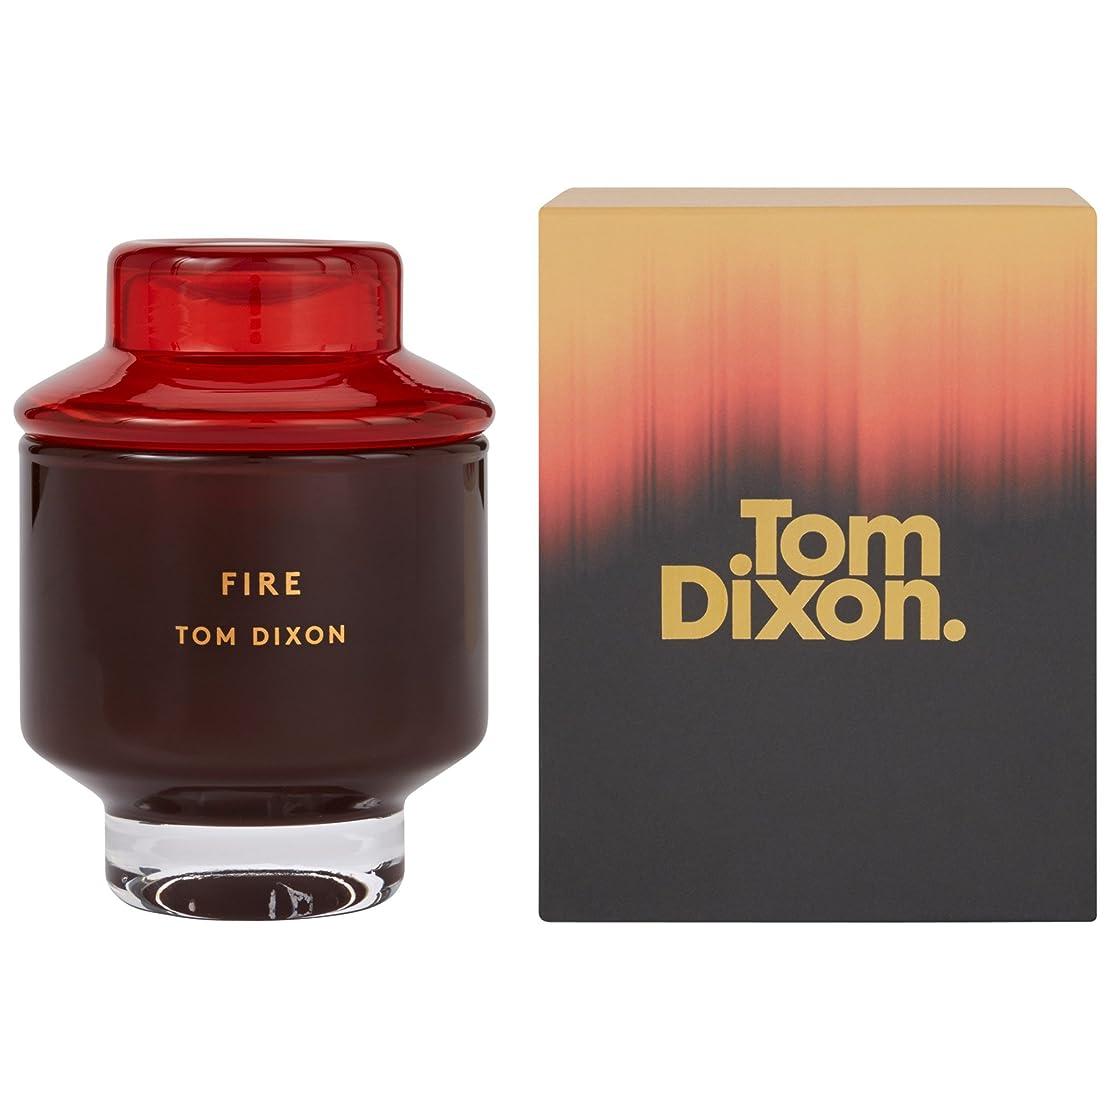 クラックポット大きなスケールで見るとドラムトム?ディクソン火災香りのキャンドル媒体 x6 - Tom Dixon Fire Scented Candle Medium (Pack of 6) [並行輸入品]